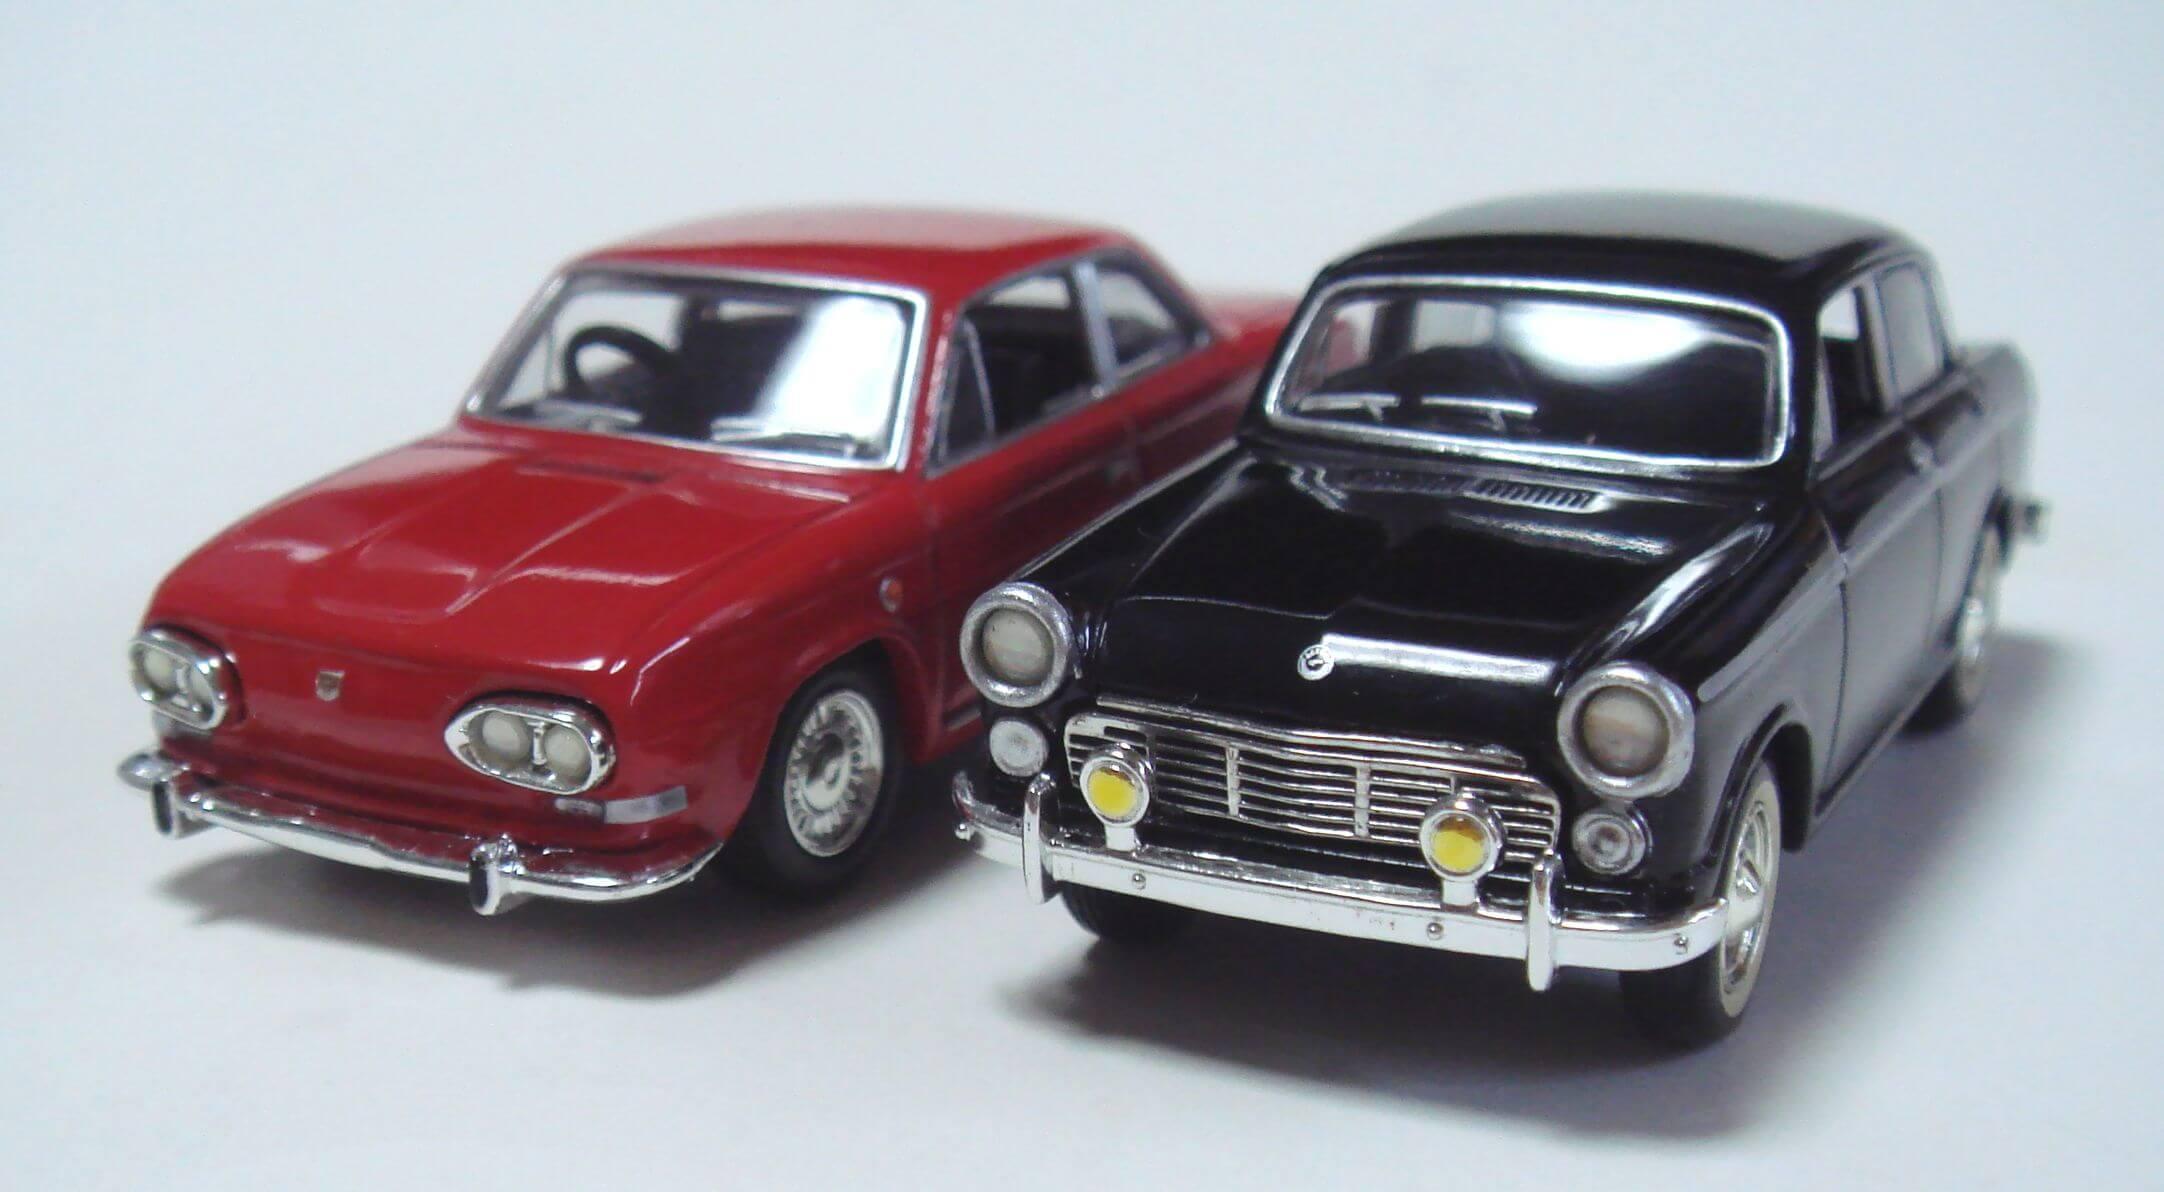 Mini Car model red - japanese proxy service - zenmarket